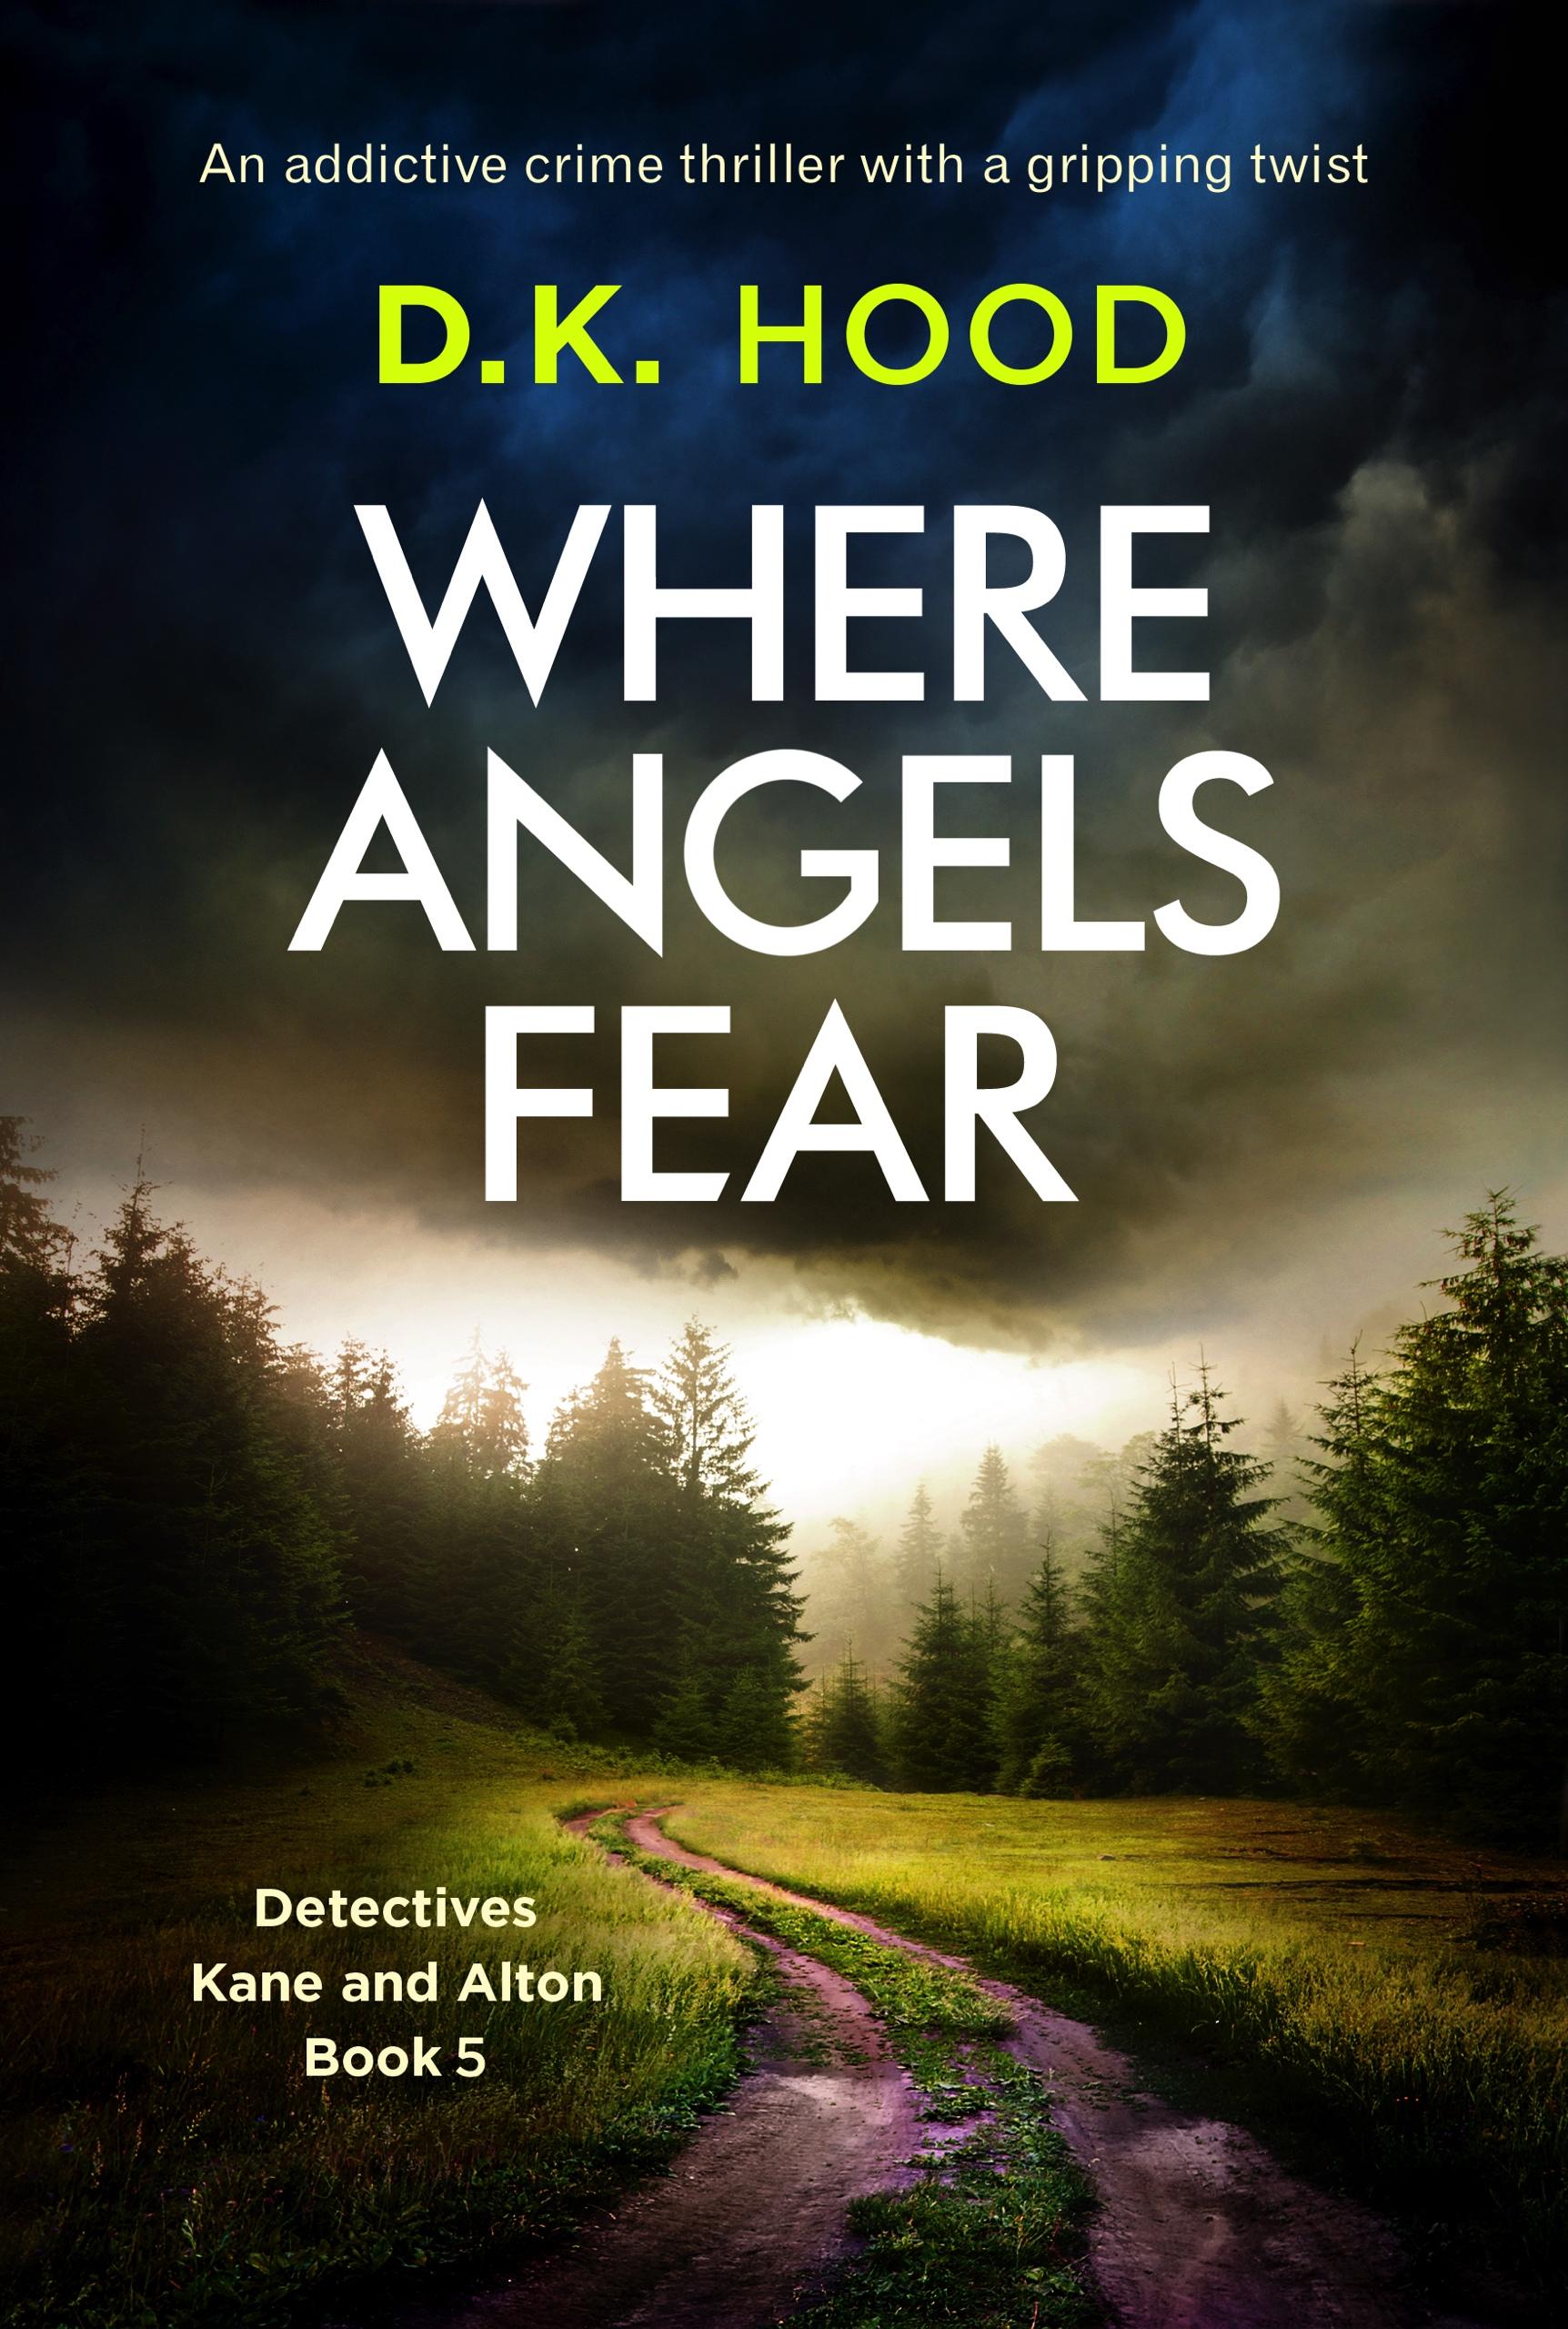 #BookReview of Where Angels Fear by D.K Hood @DKHood_Author @nholten40 @bookouture #netgalley #WhereAngelsFear